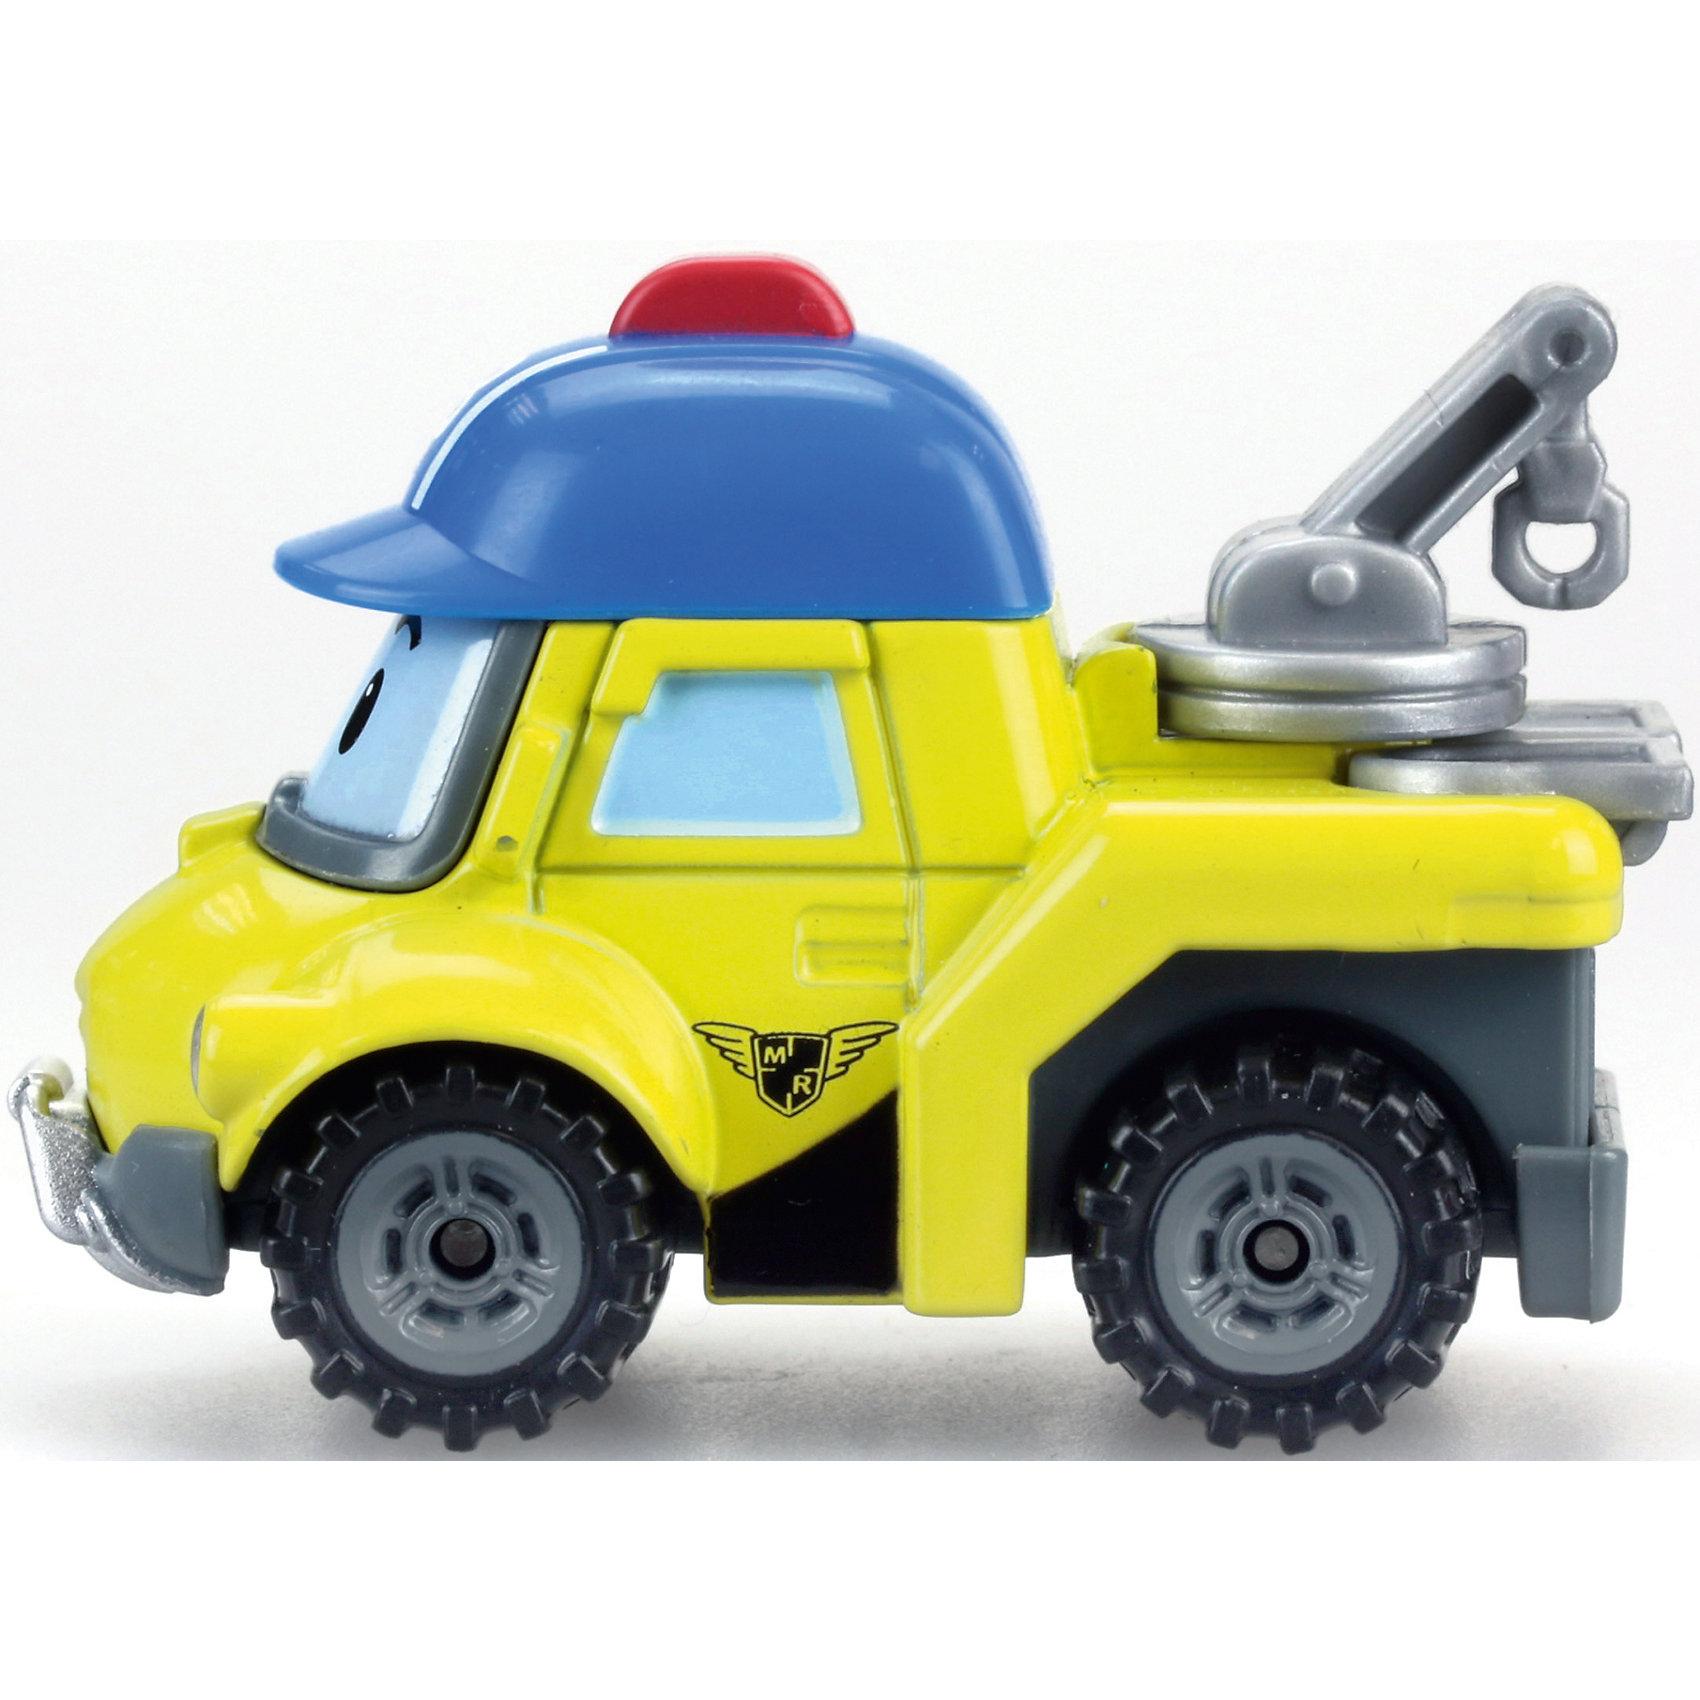 Металлическая машинка Баки, 6см, Робокар поли